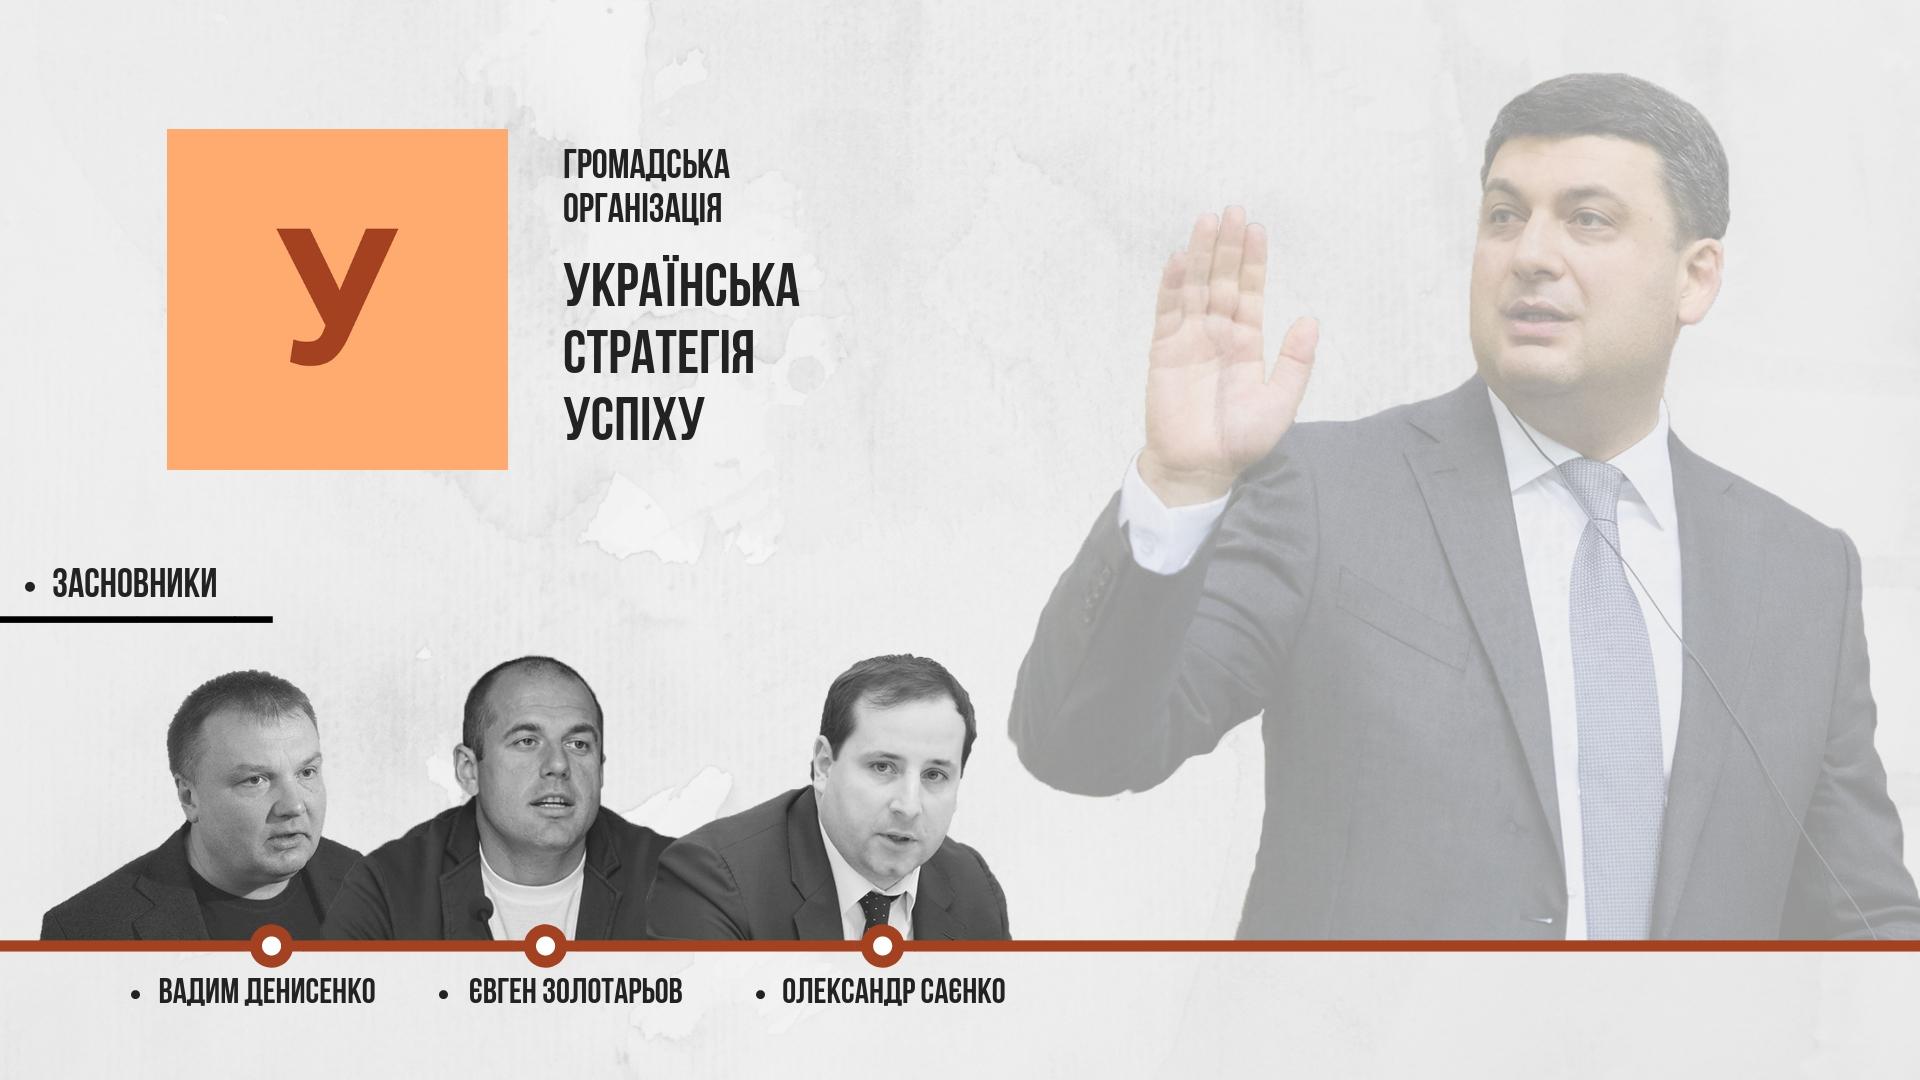 """Партия """"Сила людей"""" объявила о начале праймериз - Цензор.НЕТ 1051"""